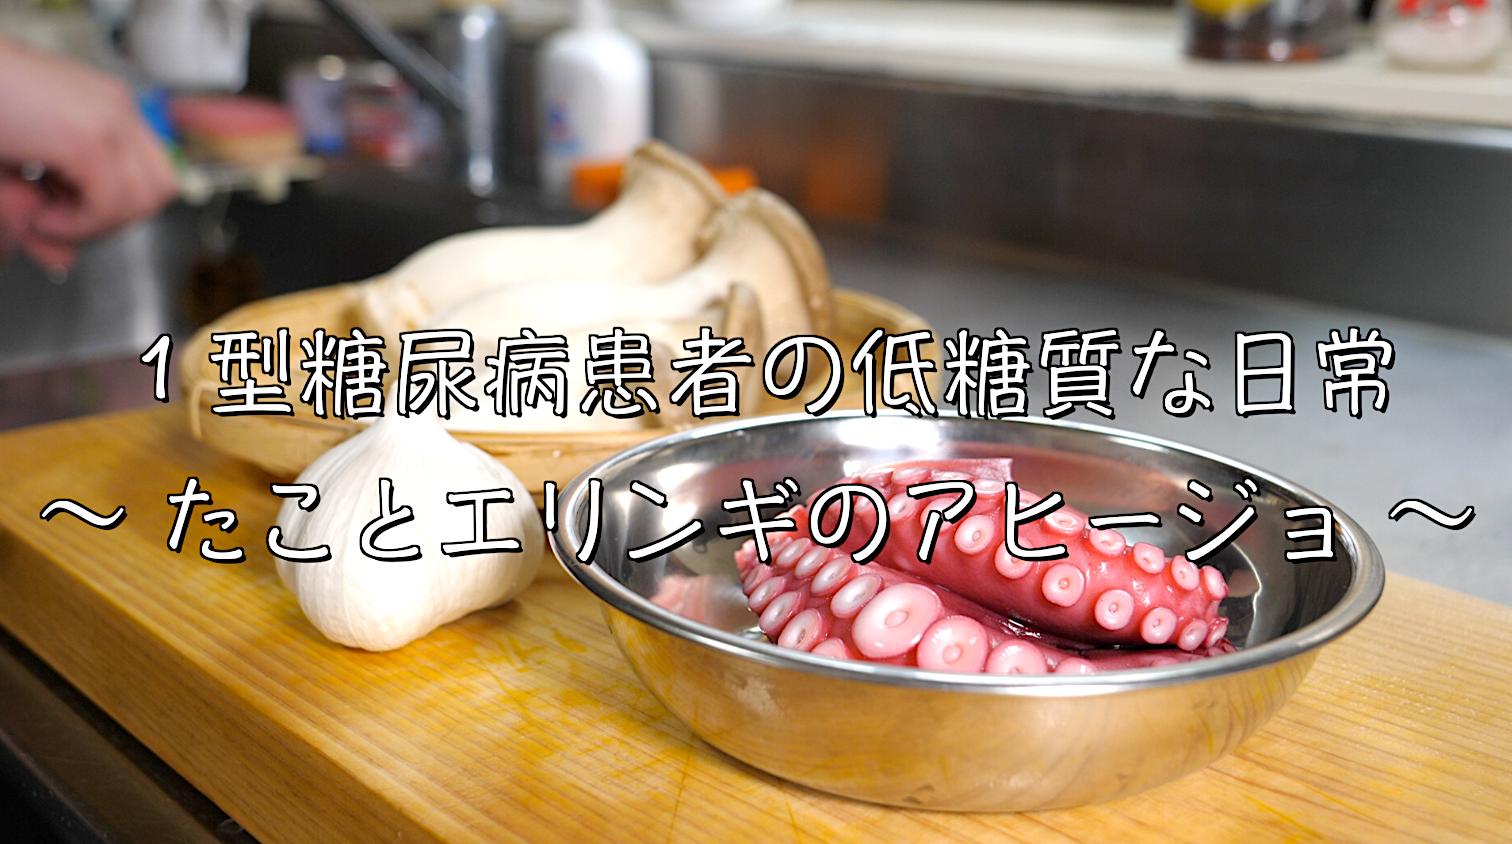 アヒージョ レシピ 作り方 レシピ